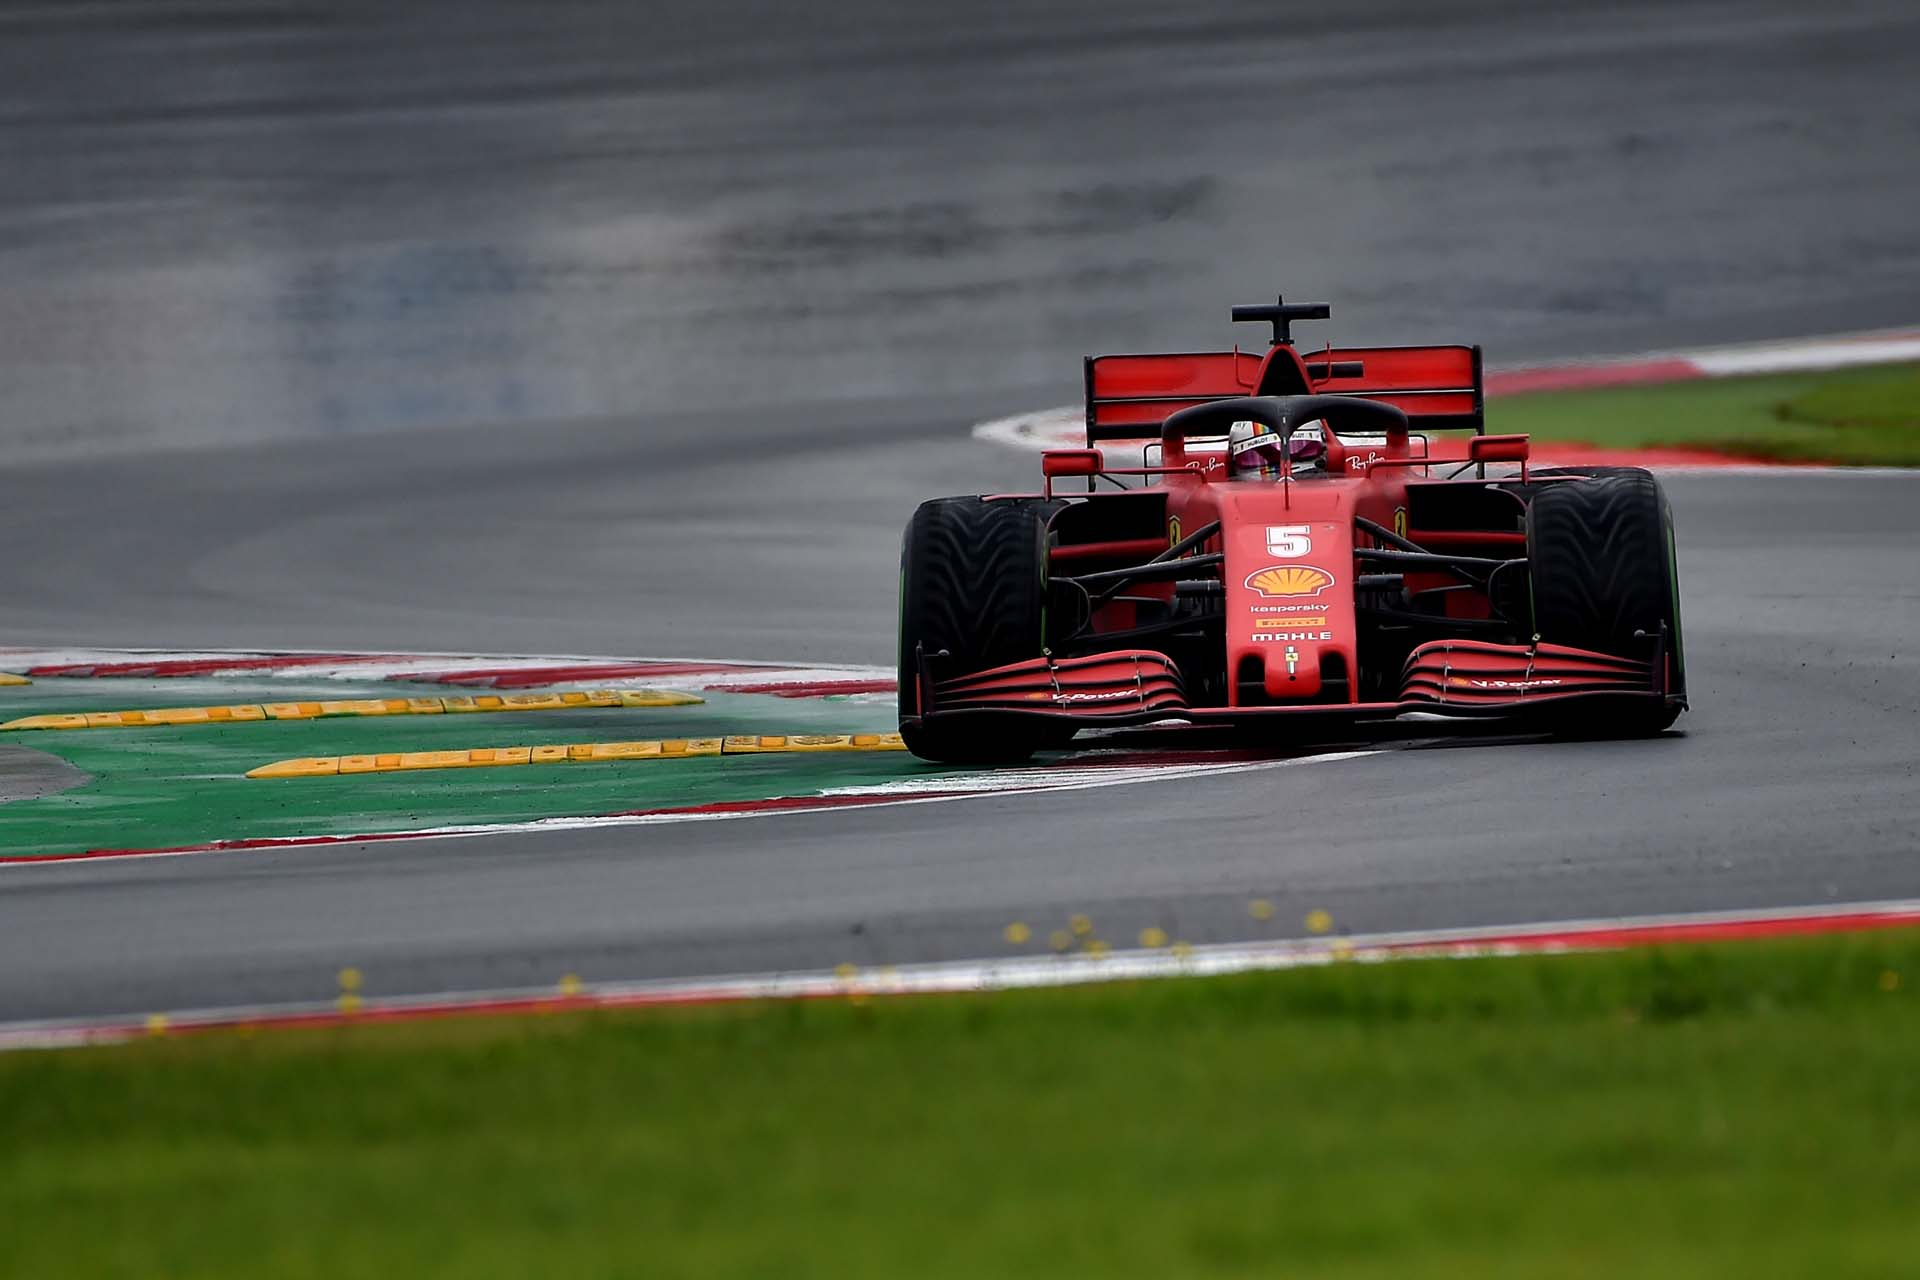 GP TURCHIA  F1/2020 -  DOMENICA 15/11/2020